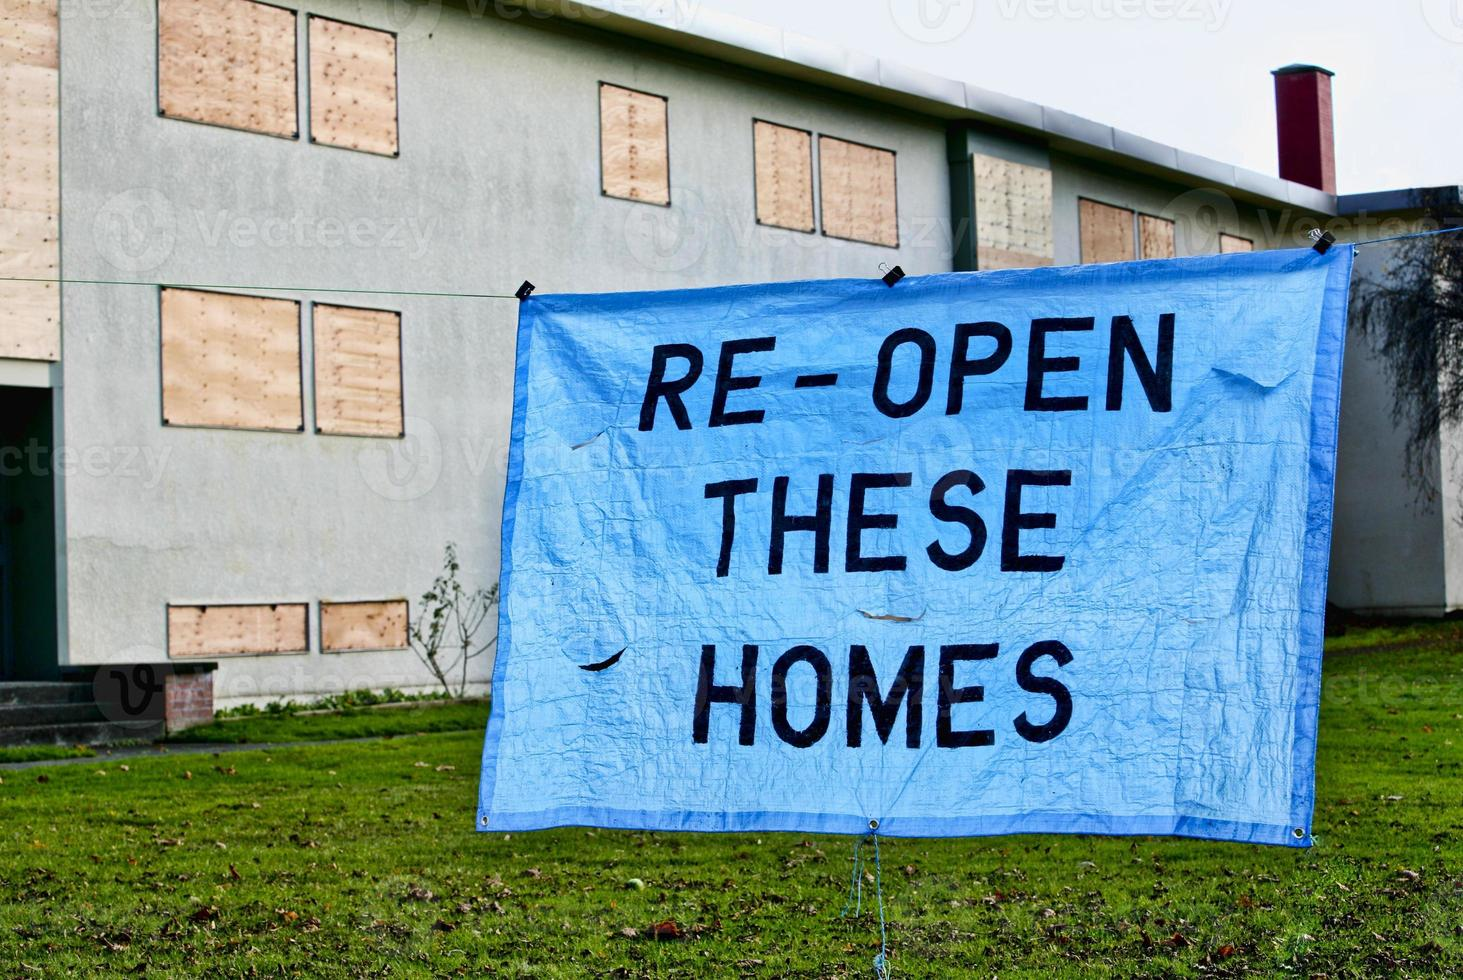 projeto habitacional do governo fechado foto